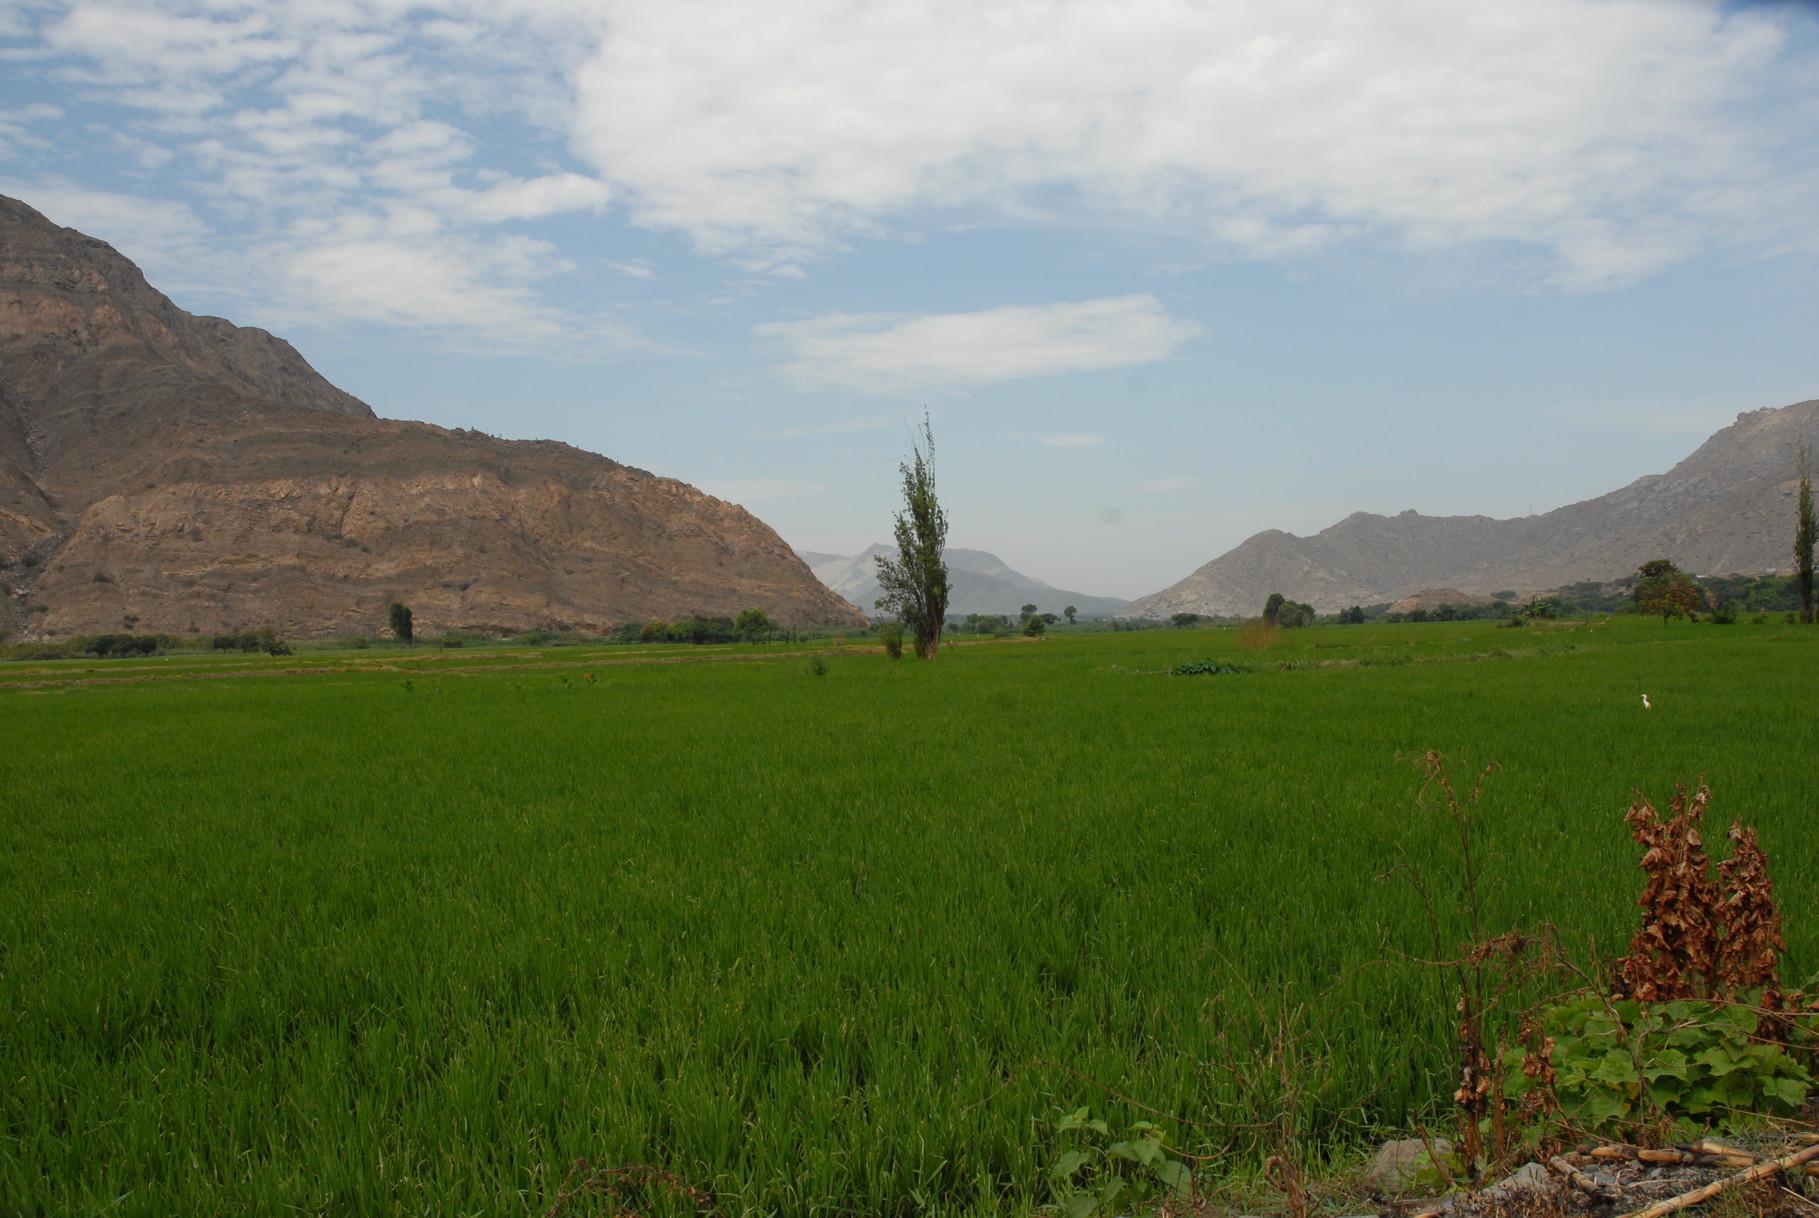 Von Chimbote hoch nach Cajamarca sieht man Reis, Reis, Reis ...